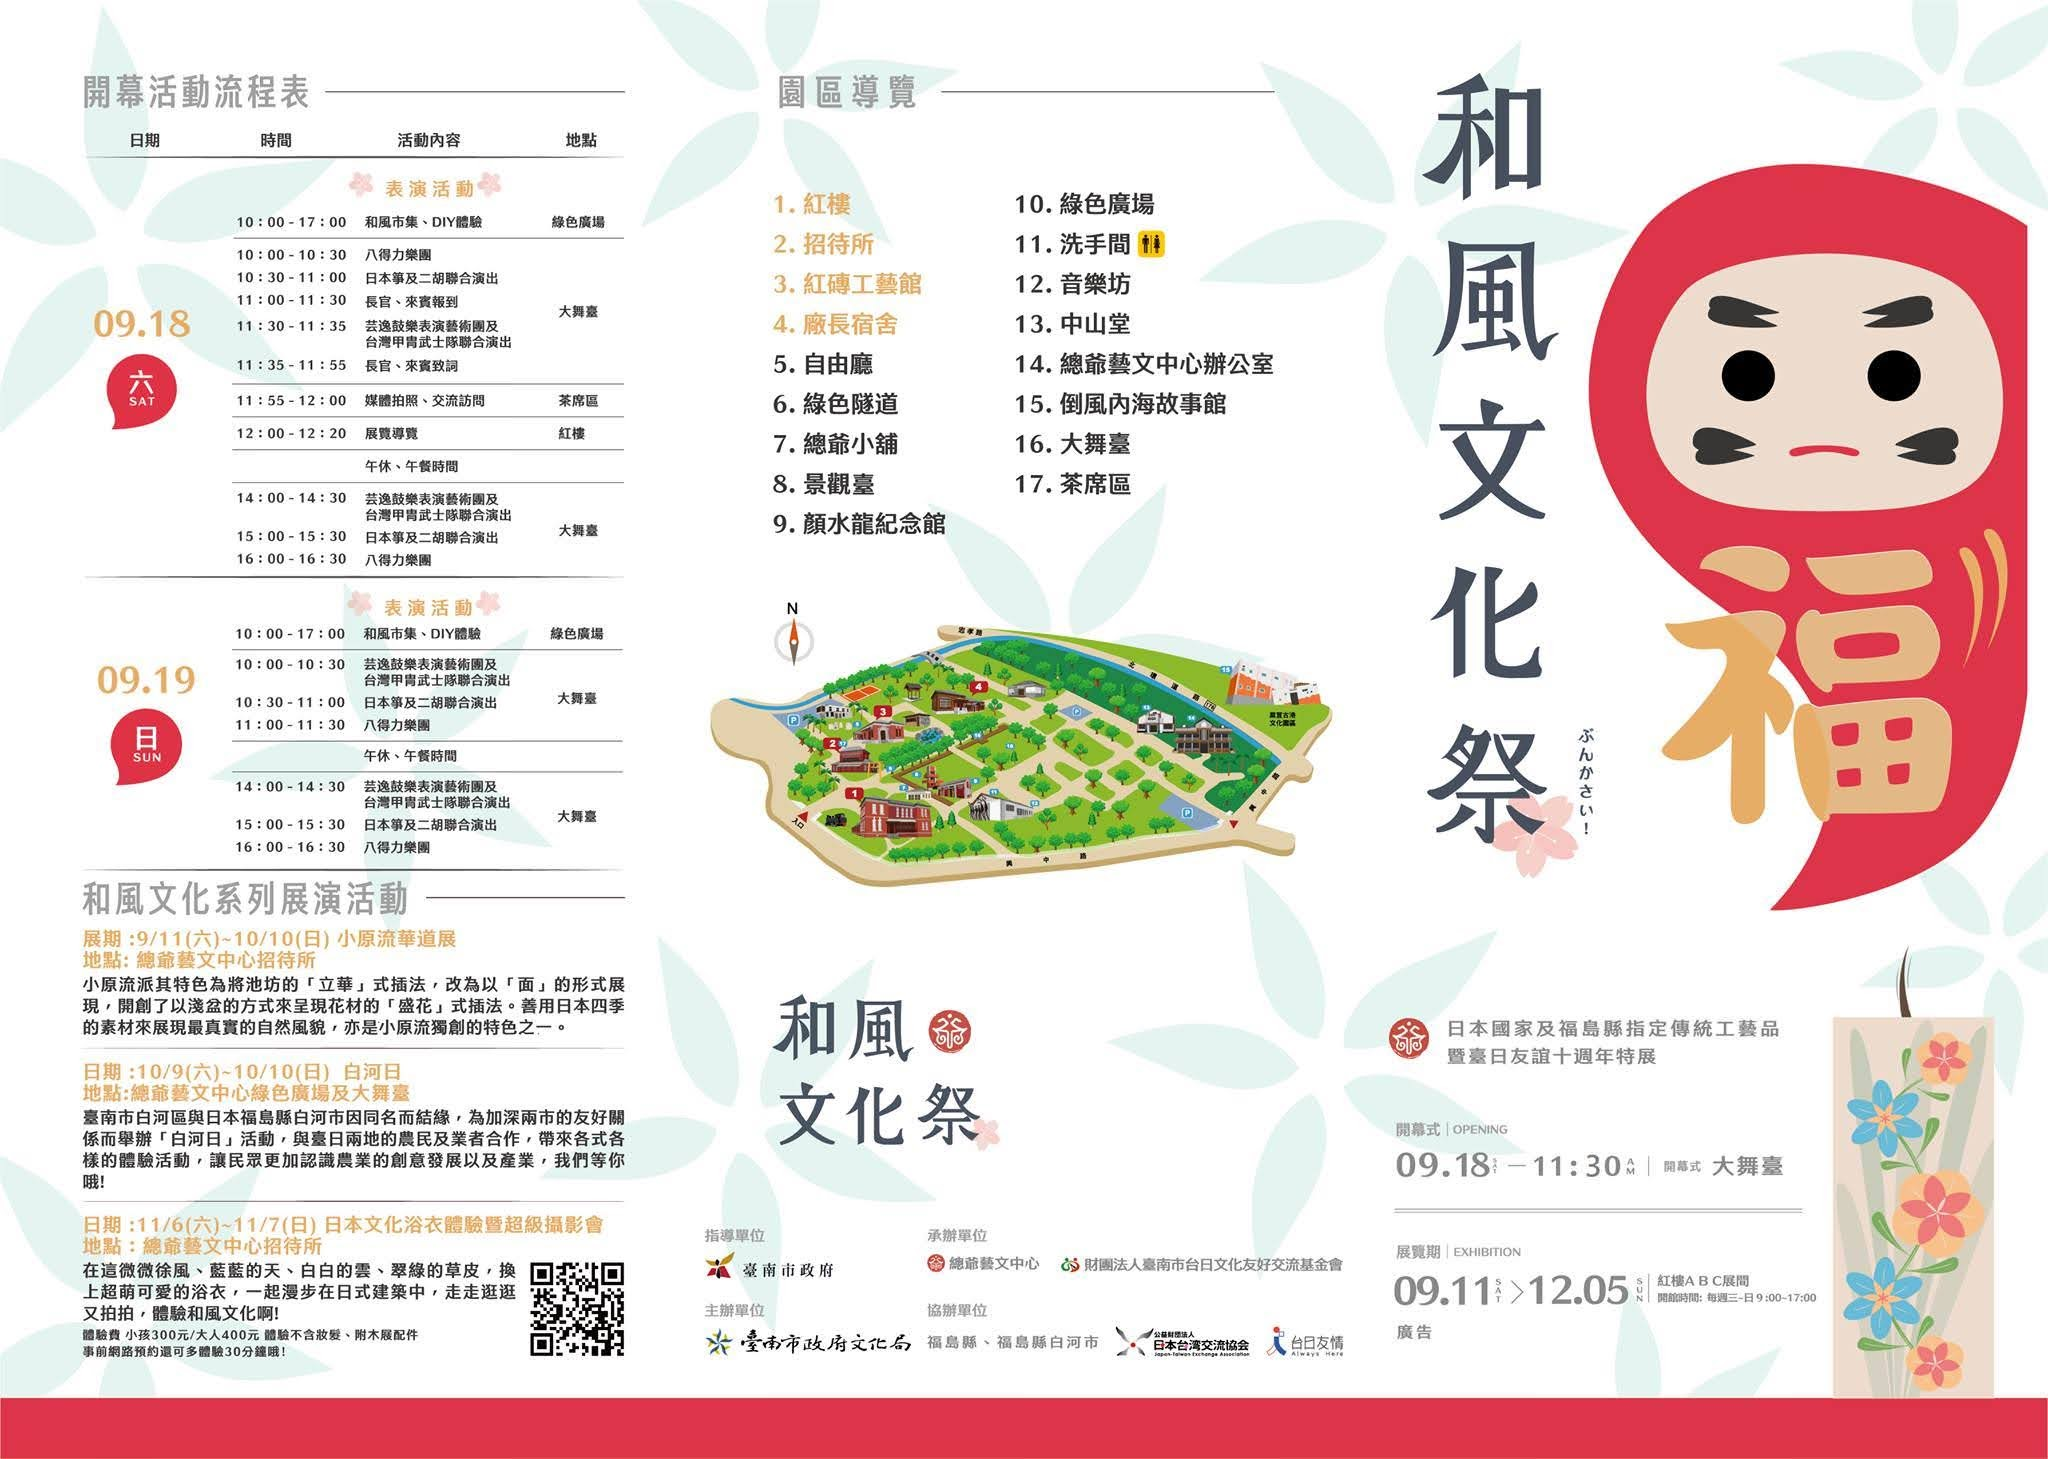 2021總爺和風文化祭 和風市集×DIY體驗 活動